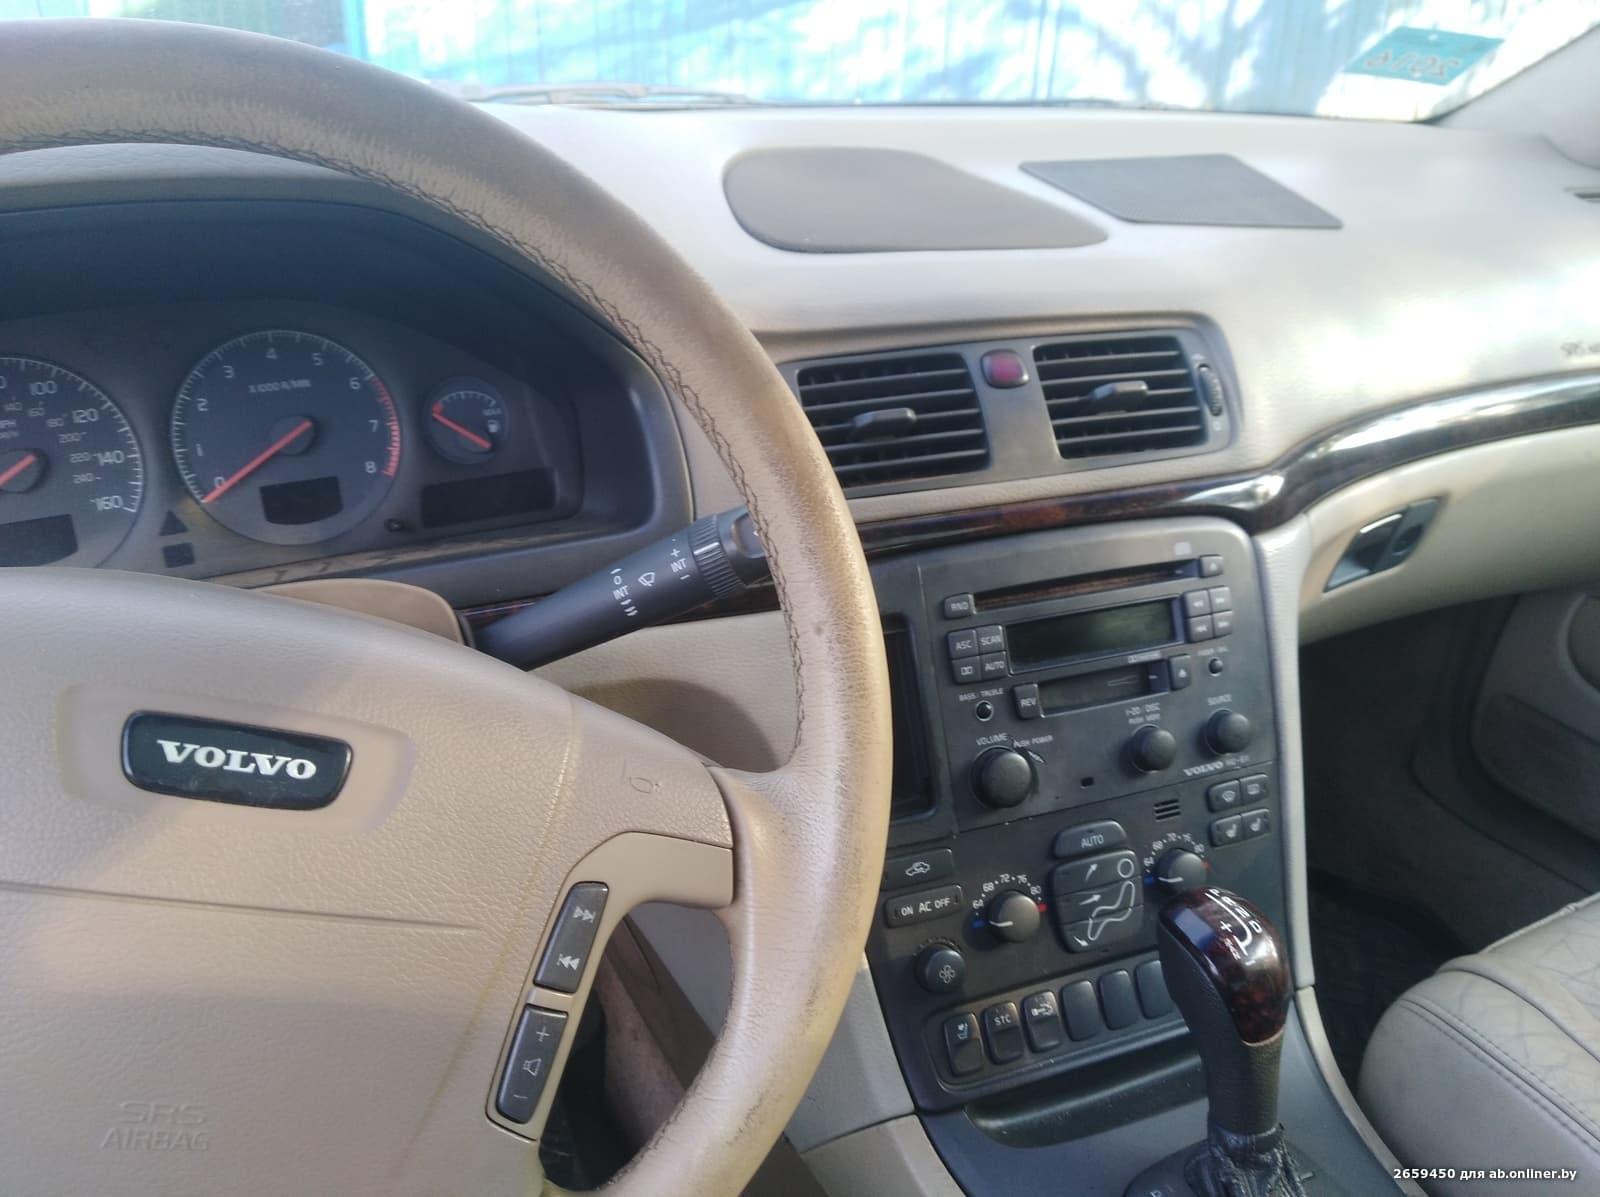 Volvo S80 GT